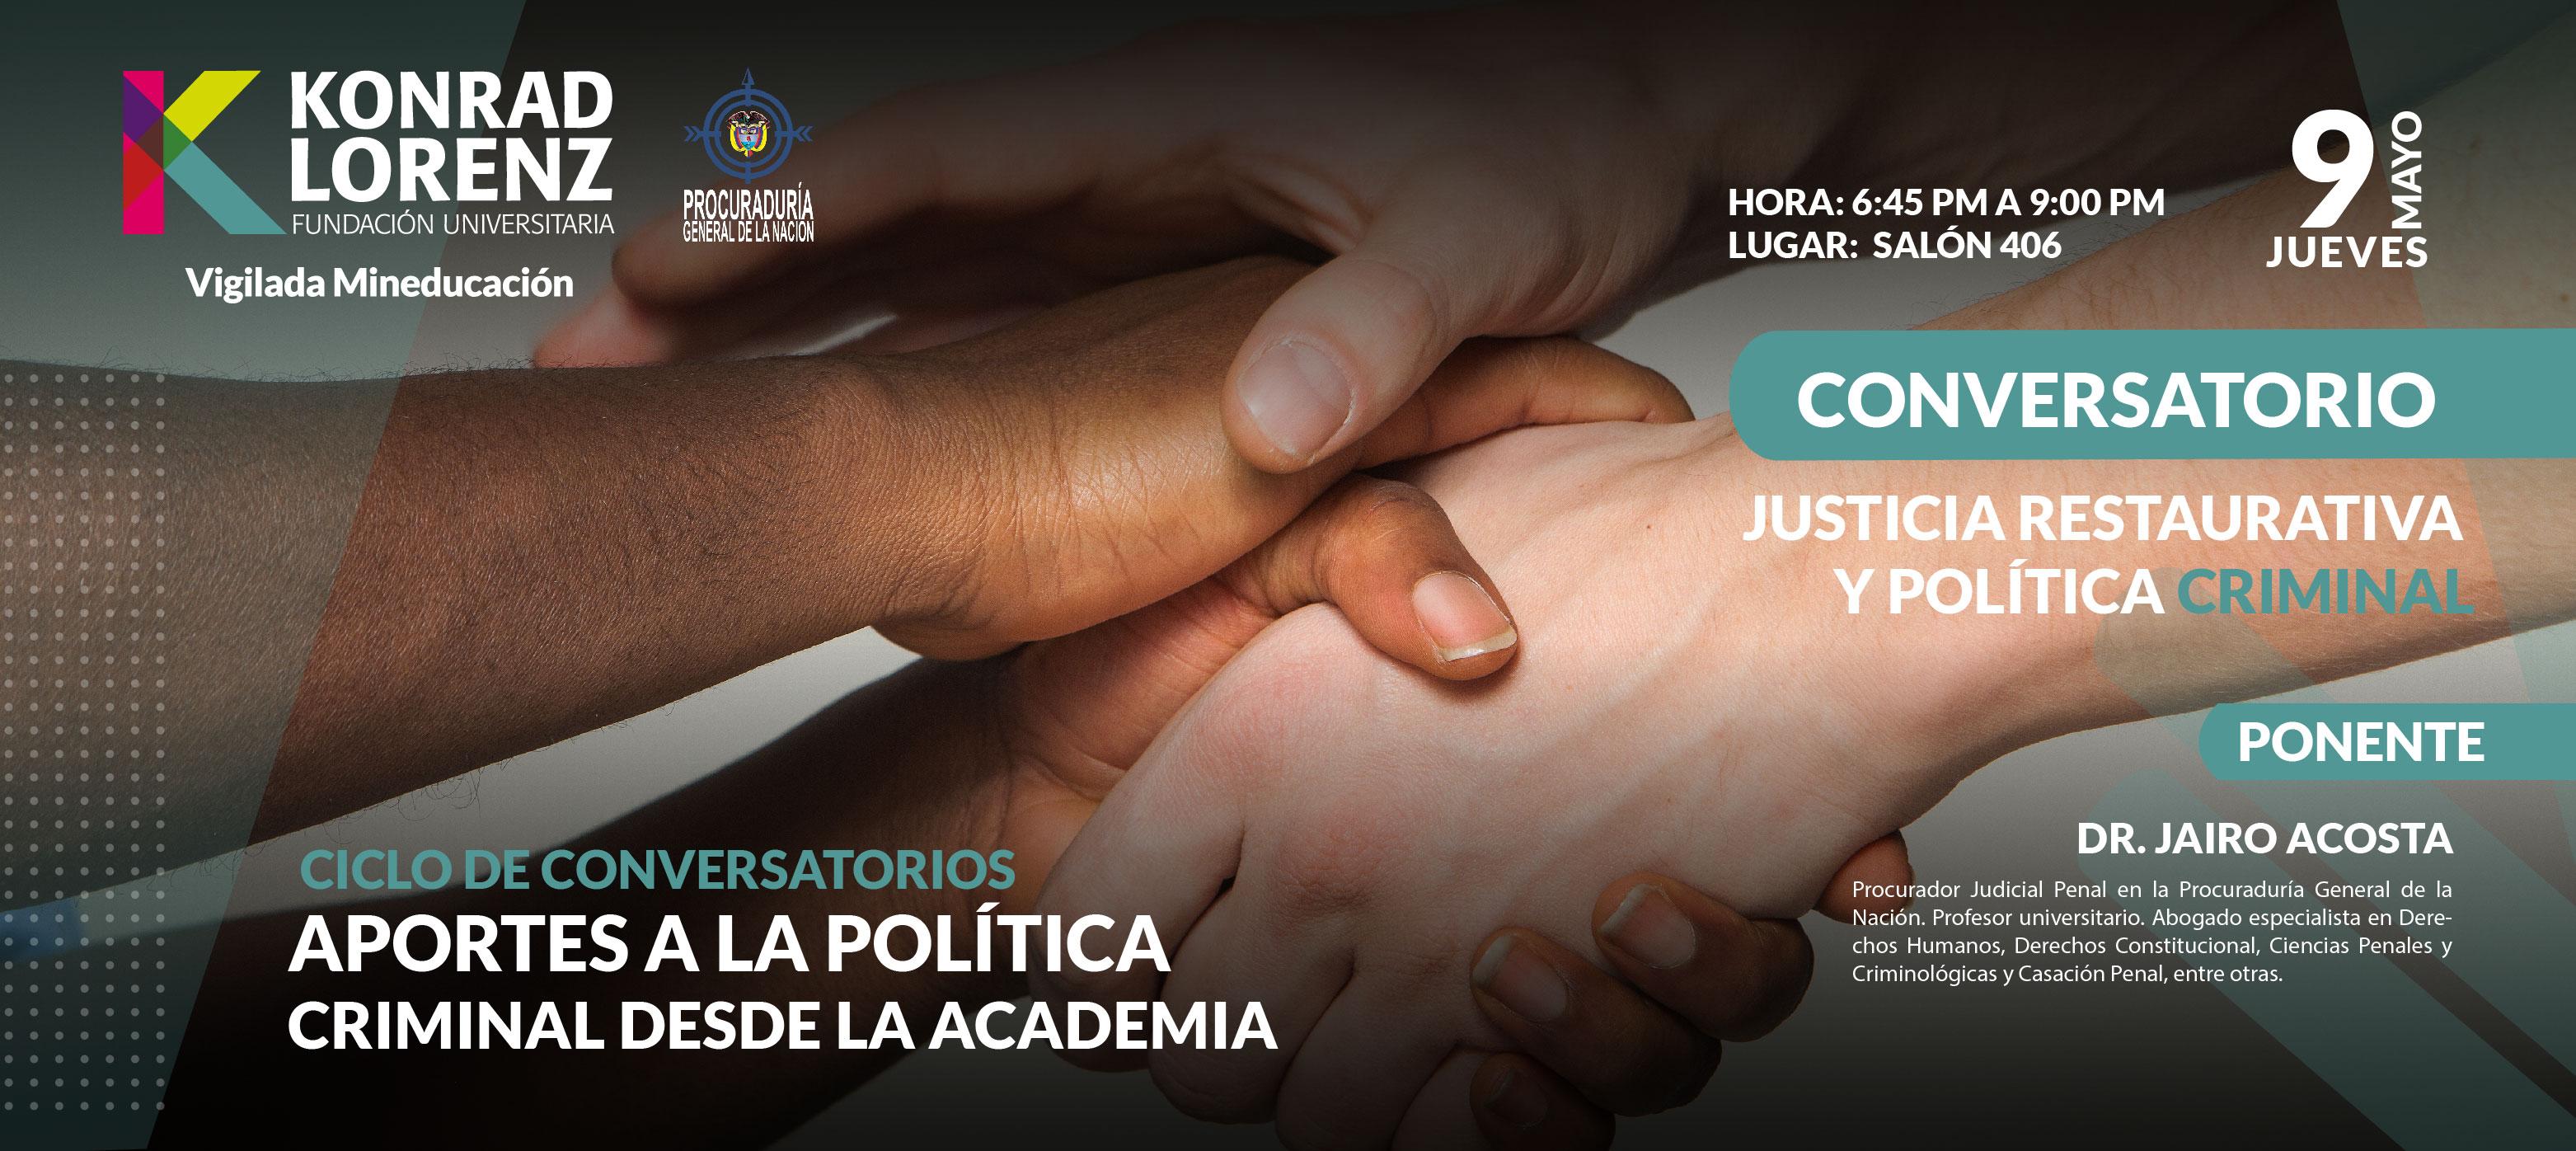 Justicia restaurativa y política criminal | Tercer conversatorio